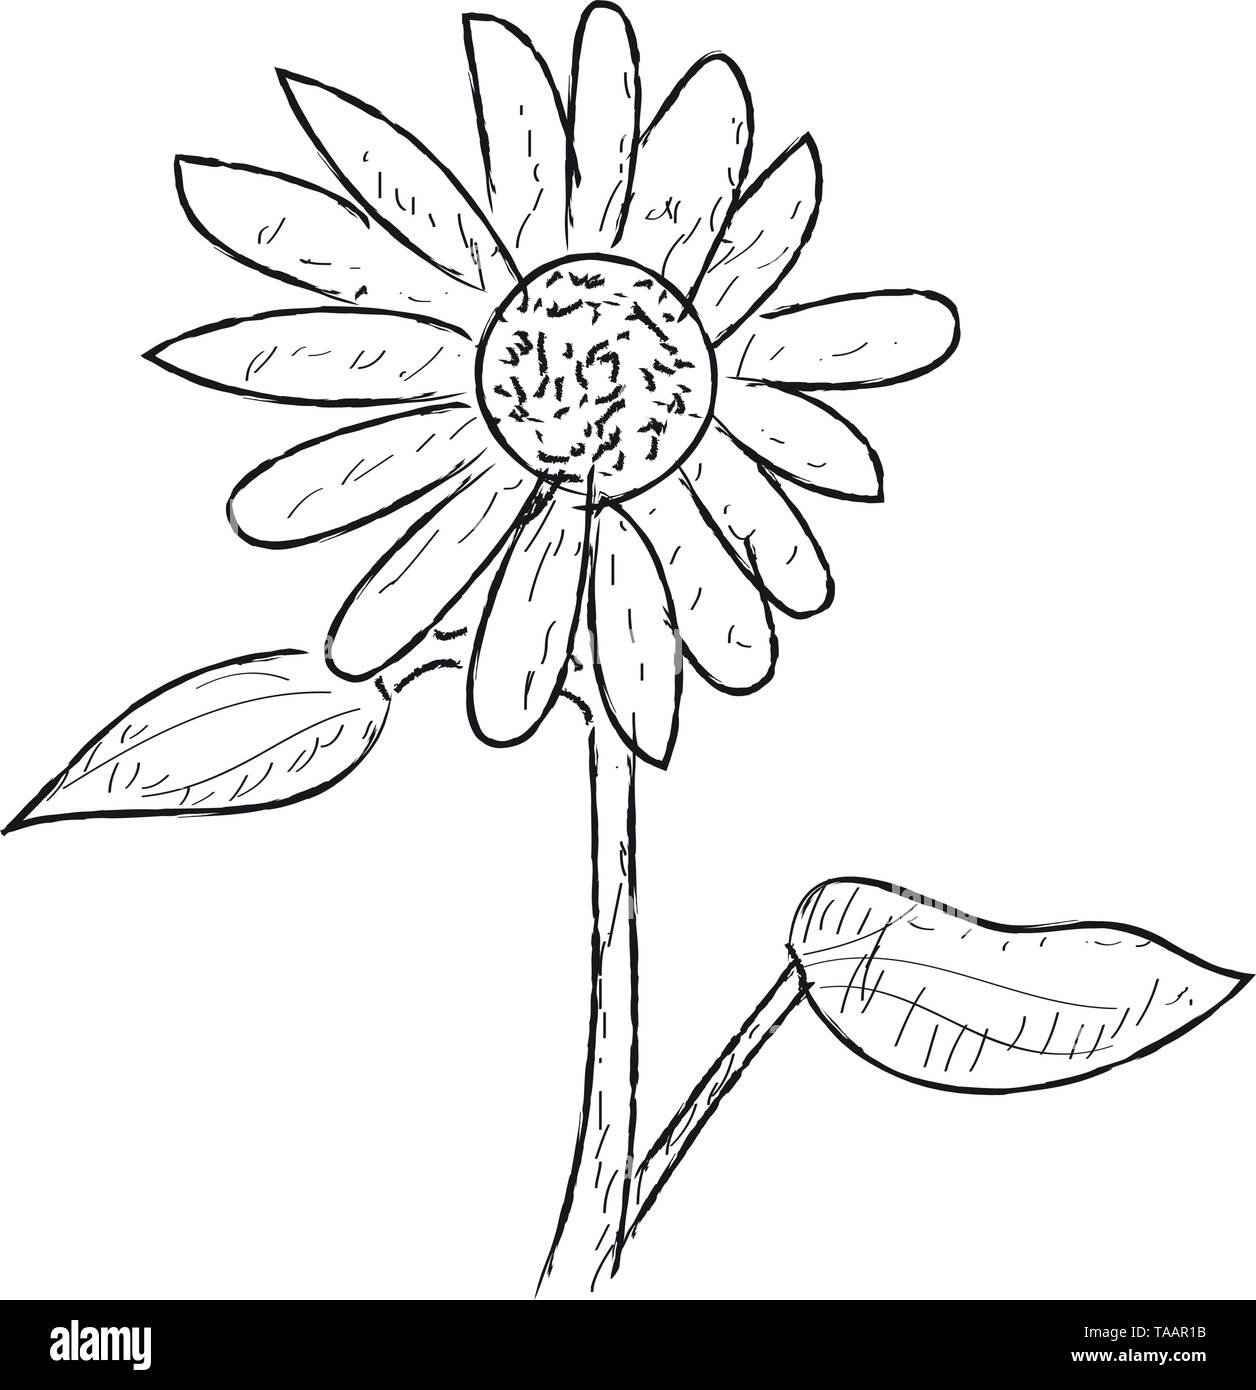 Isolierten Skizze einer Sonnenblume Stockbild